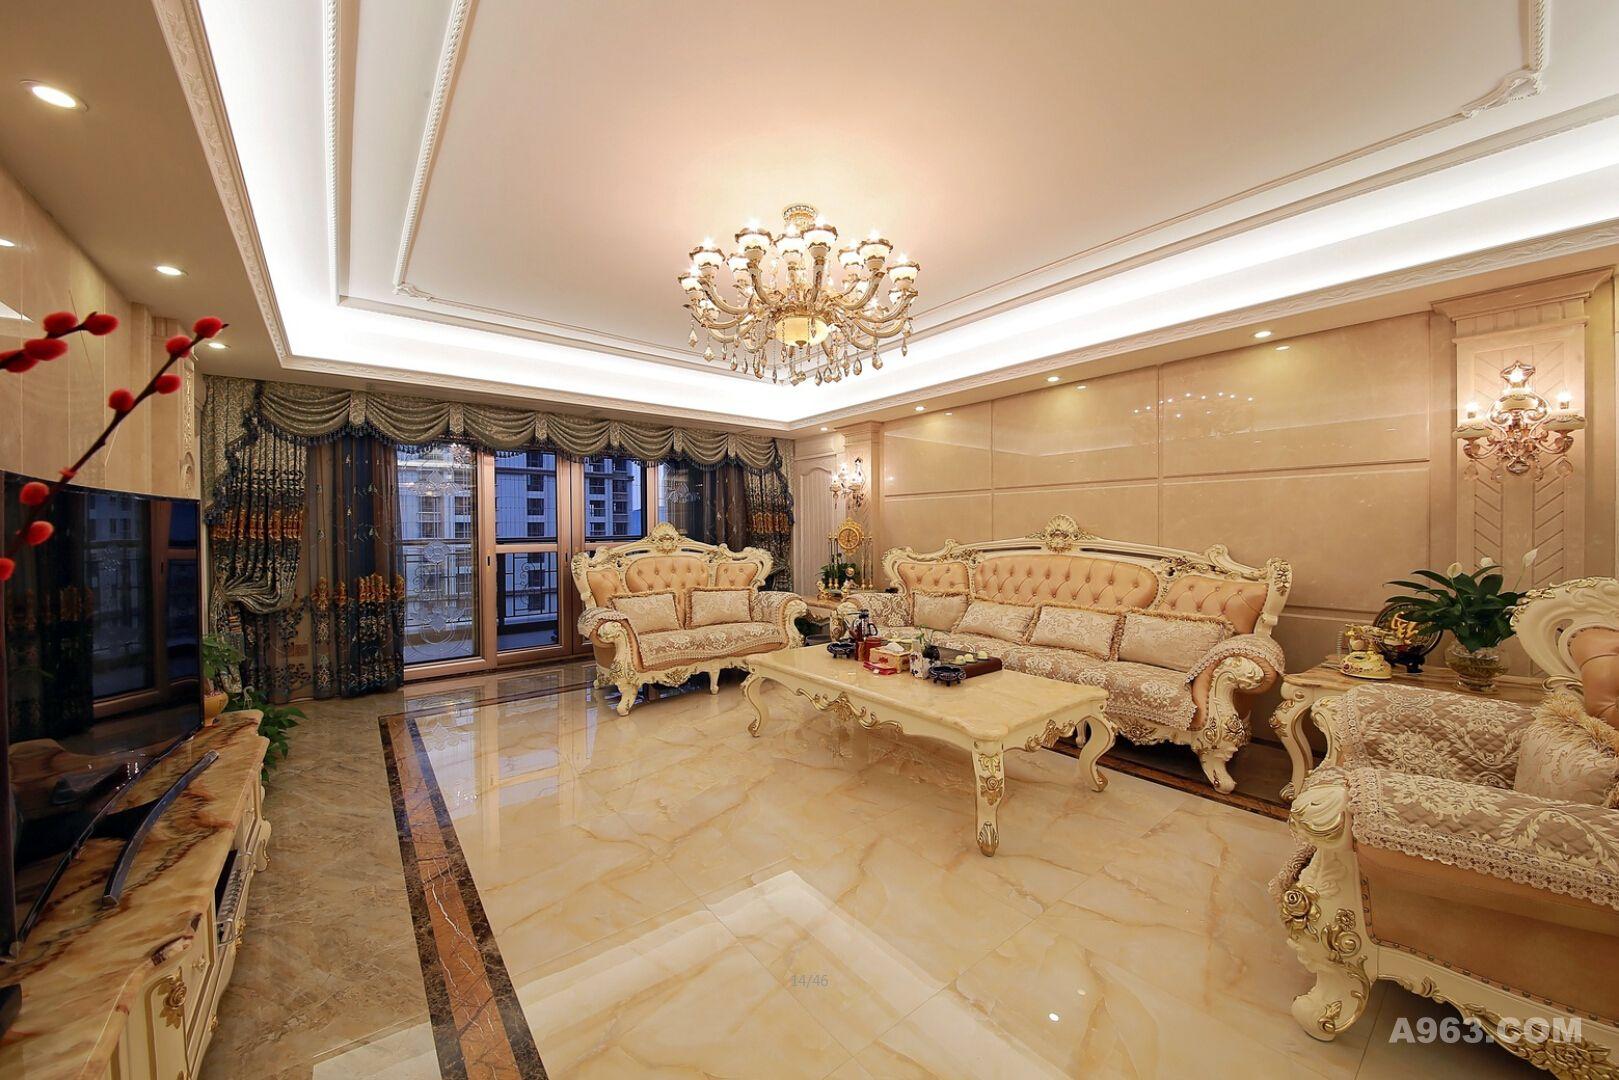 普宁-御景城 建筑面积:300 设计师:黄茂艺 主要材料:白玉兰石材,炭烧板,桑拿板,全抛釉,墙布,实木 简约欧式风格沿袭古典欧式风格的主元素,融入了现代的生活元素。欧式的居室有的不只是豪华大气,更多的是惬意和浪漫。通过完美的典线,精益求精的细节处理,带给家人不尽的舒服触感,实际上和谐是欧式风格的最高境界。